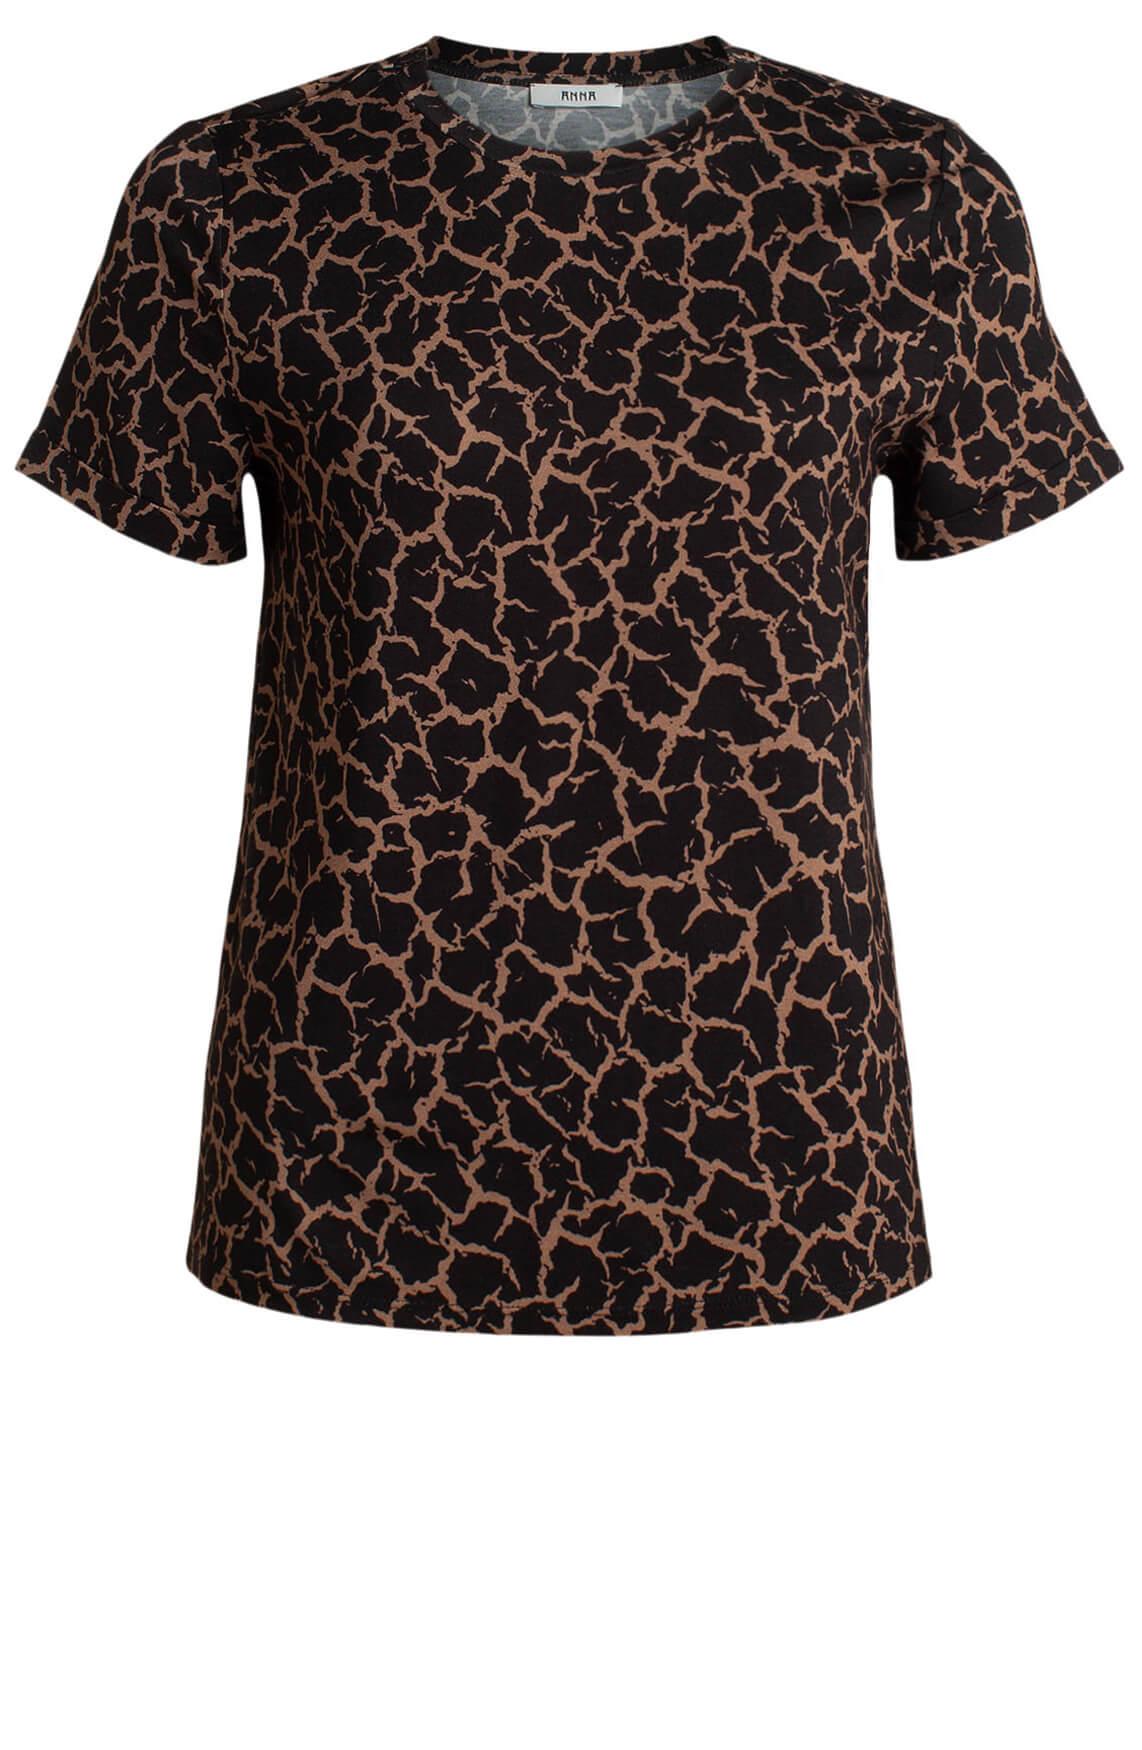 Anna Dames Geprint shirt zwart